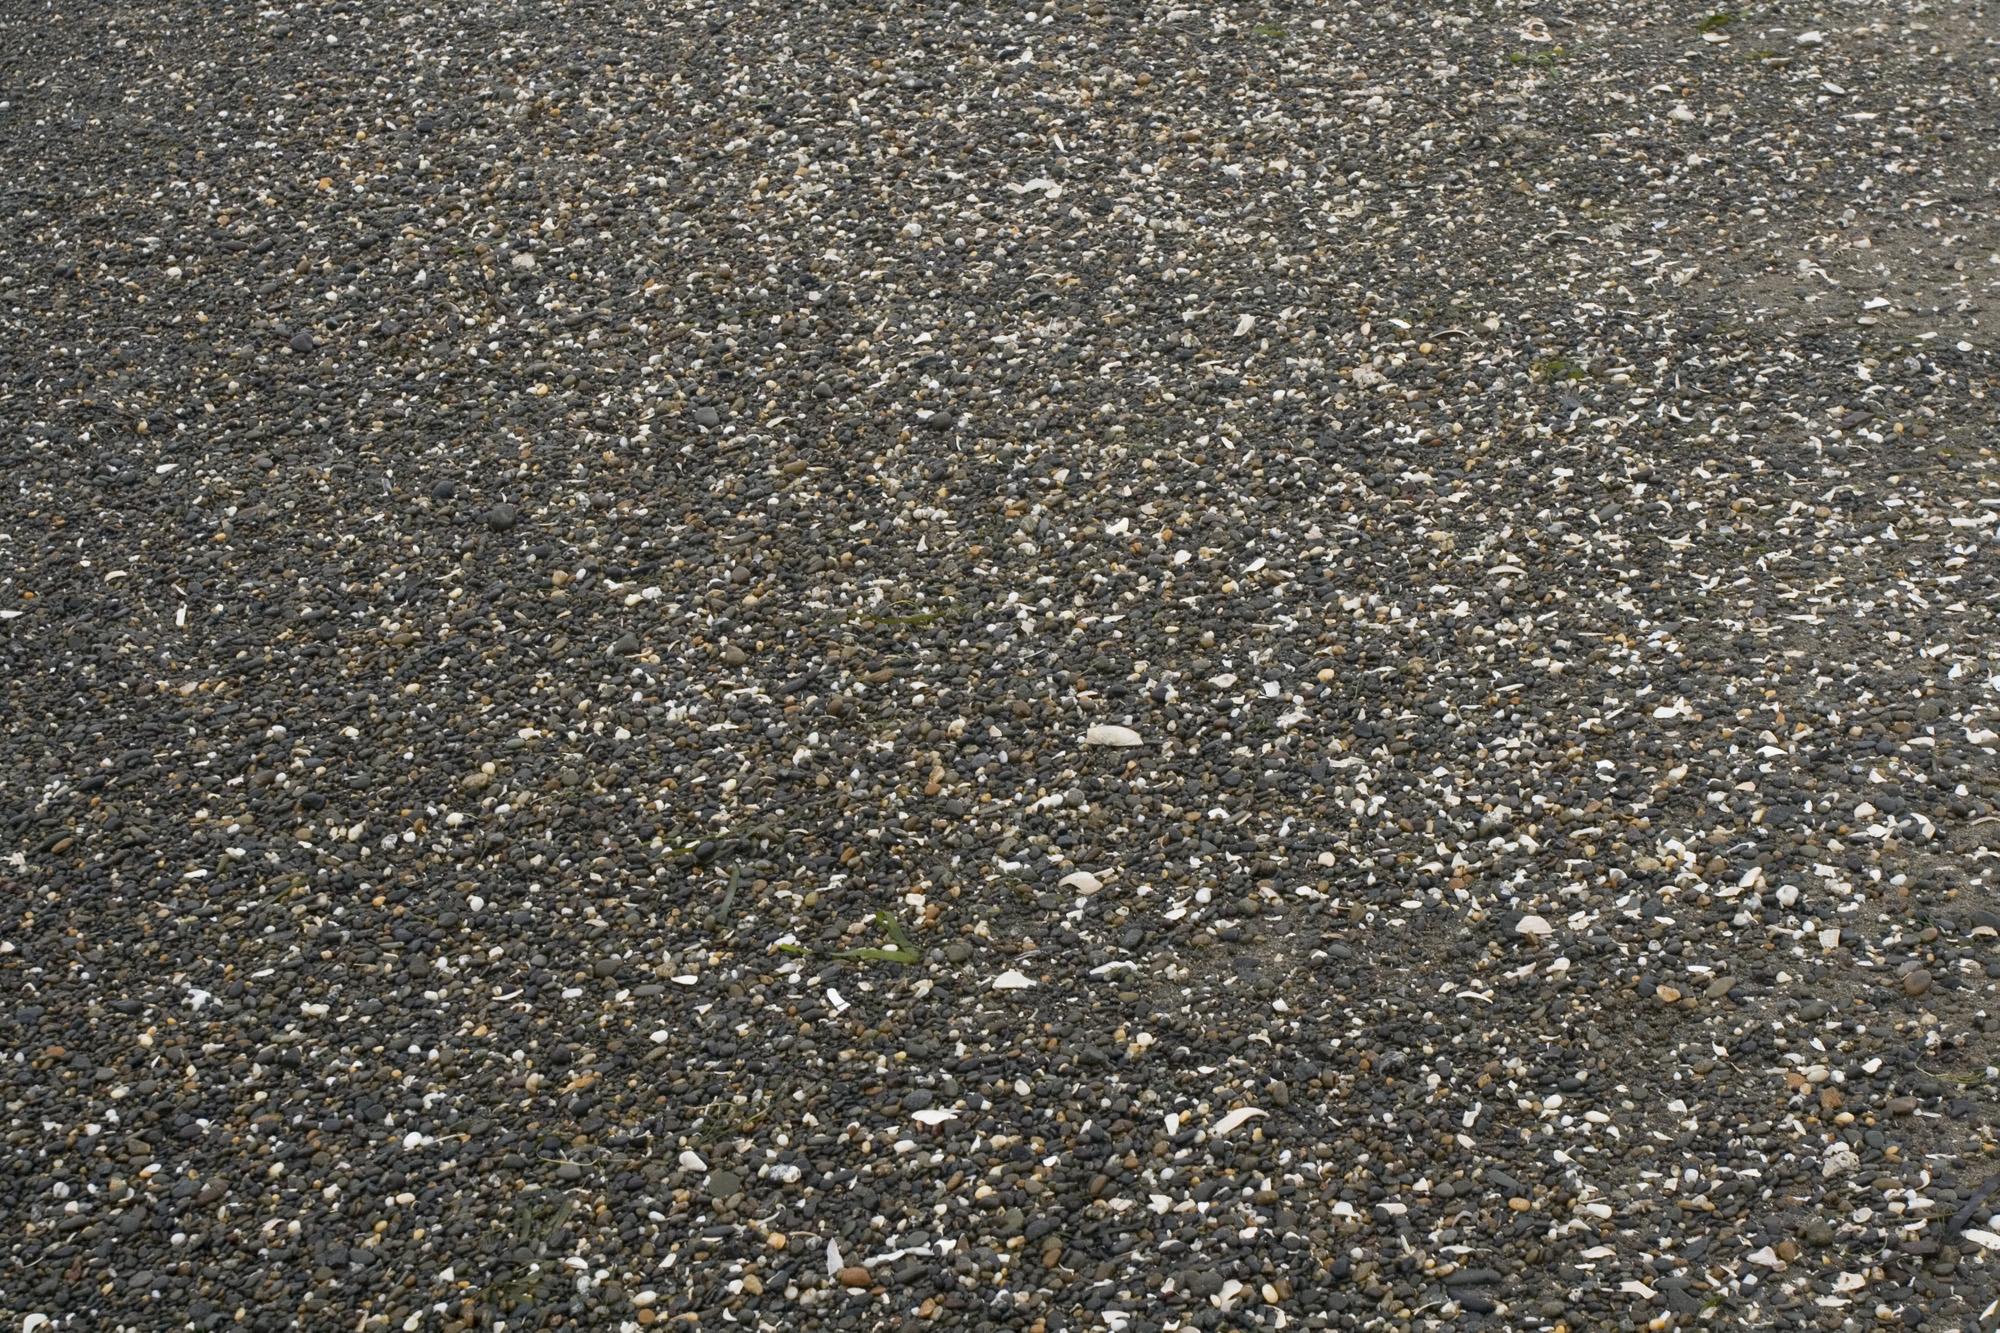 Ocean Shores beach pebble texture